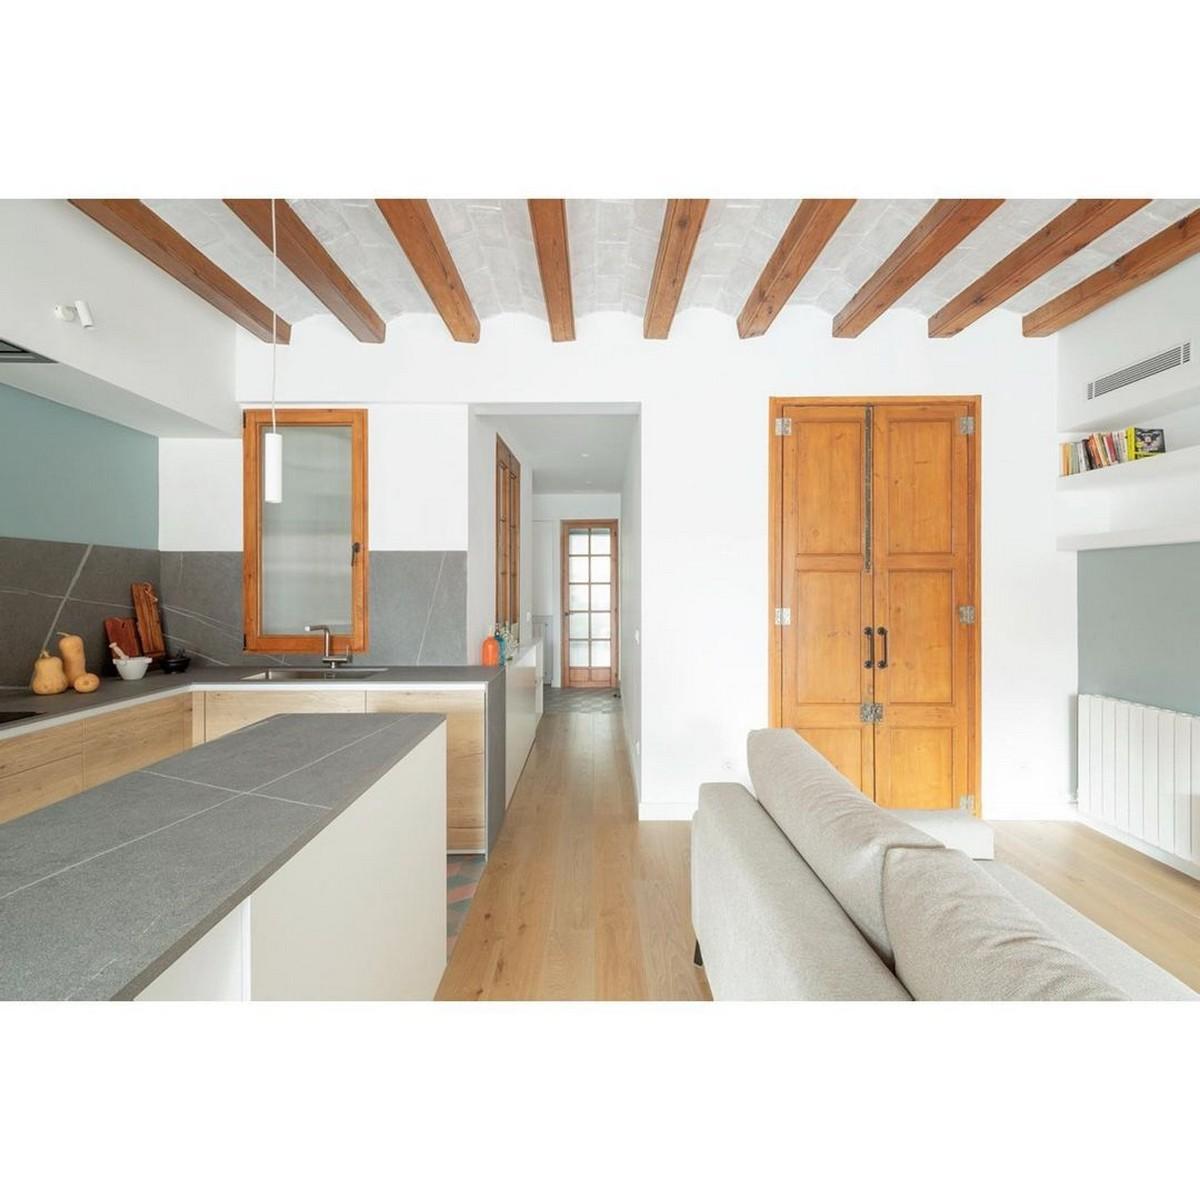 Top 15 Diseñadores de Interiores en Barcelona diseñadores de interiores Top 15 Diseñadores de Interiores en Barcelona NOOK ARCHITECTS